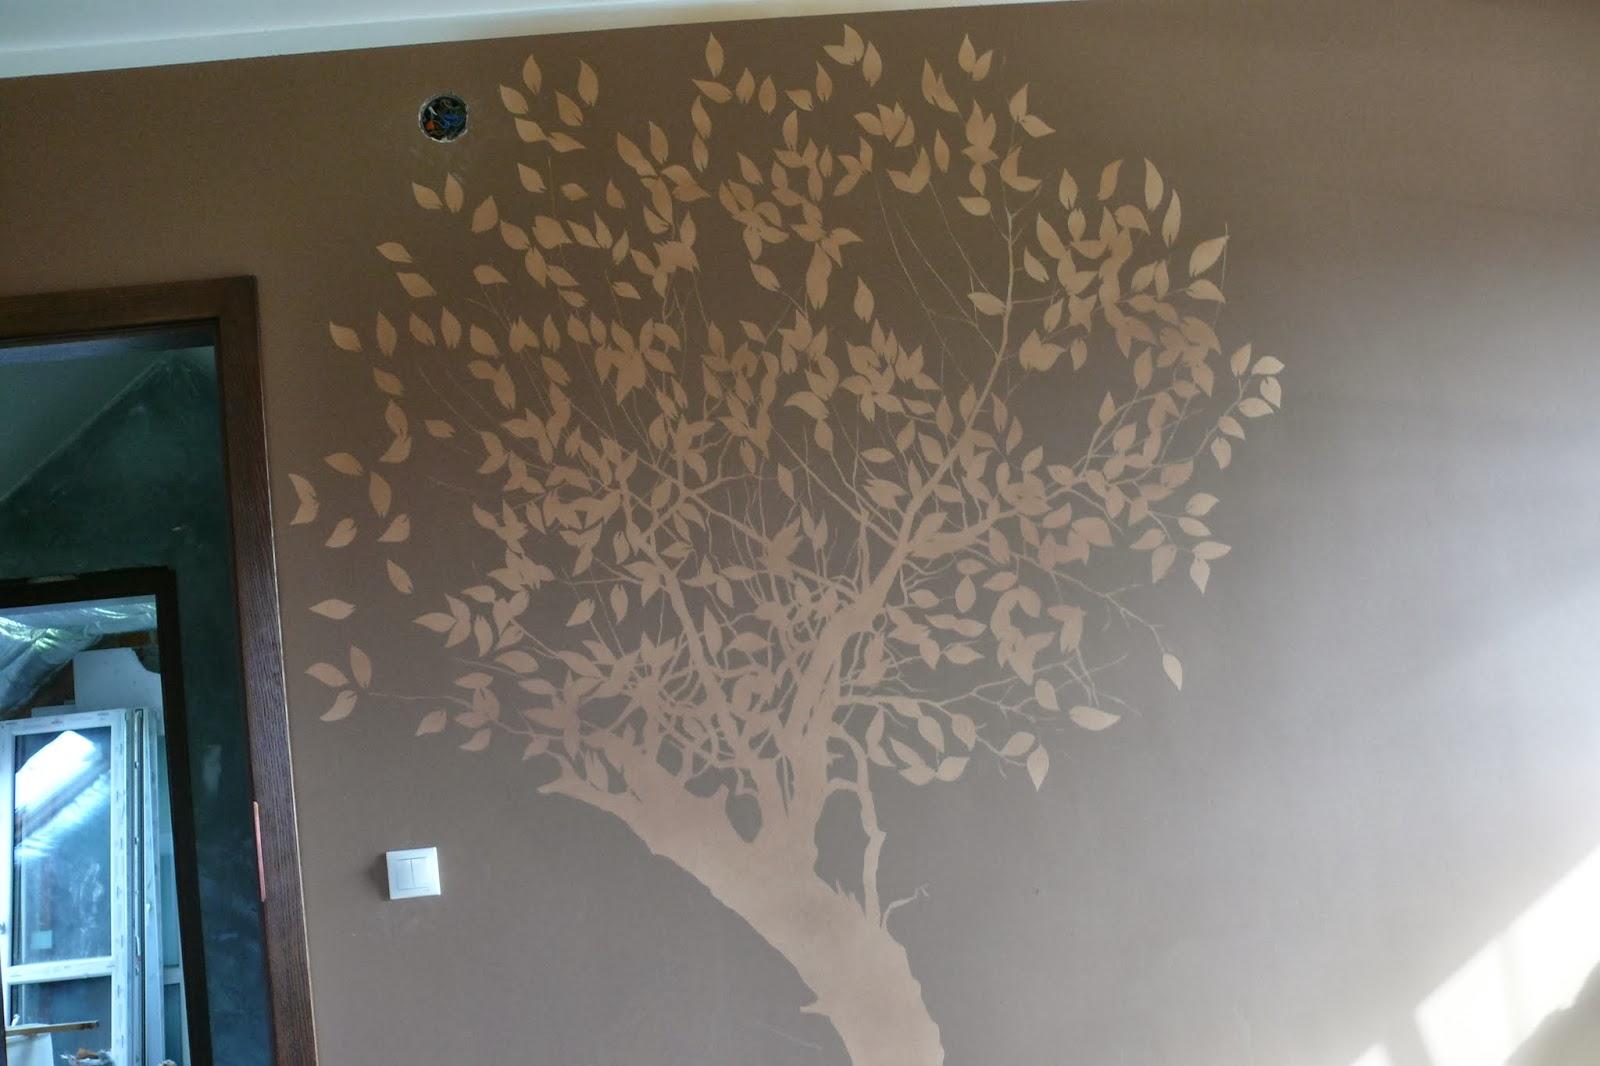 Malowanie drzewa na ścianie, artystyczne malowanie ściany, warszawa